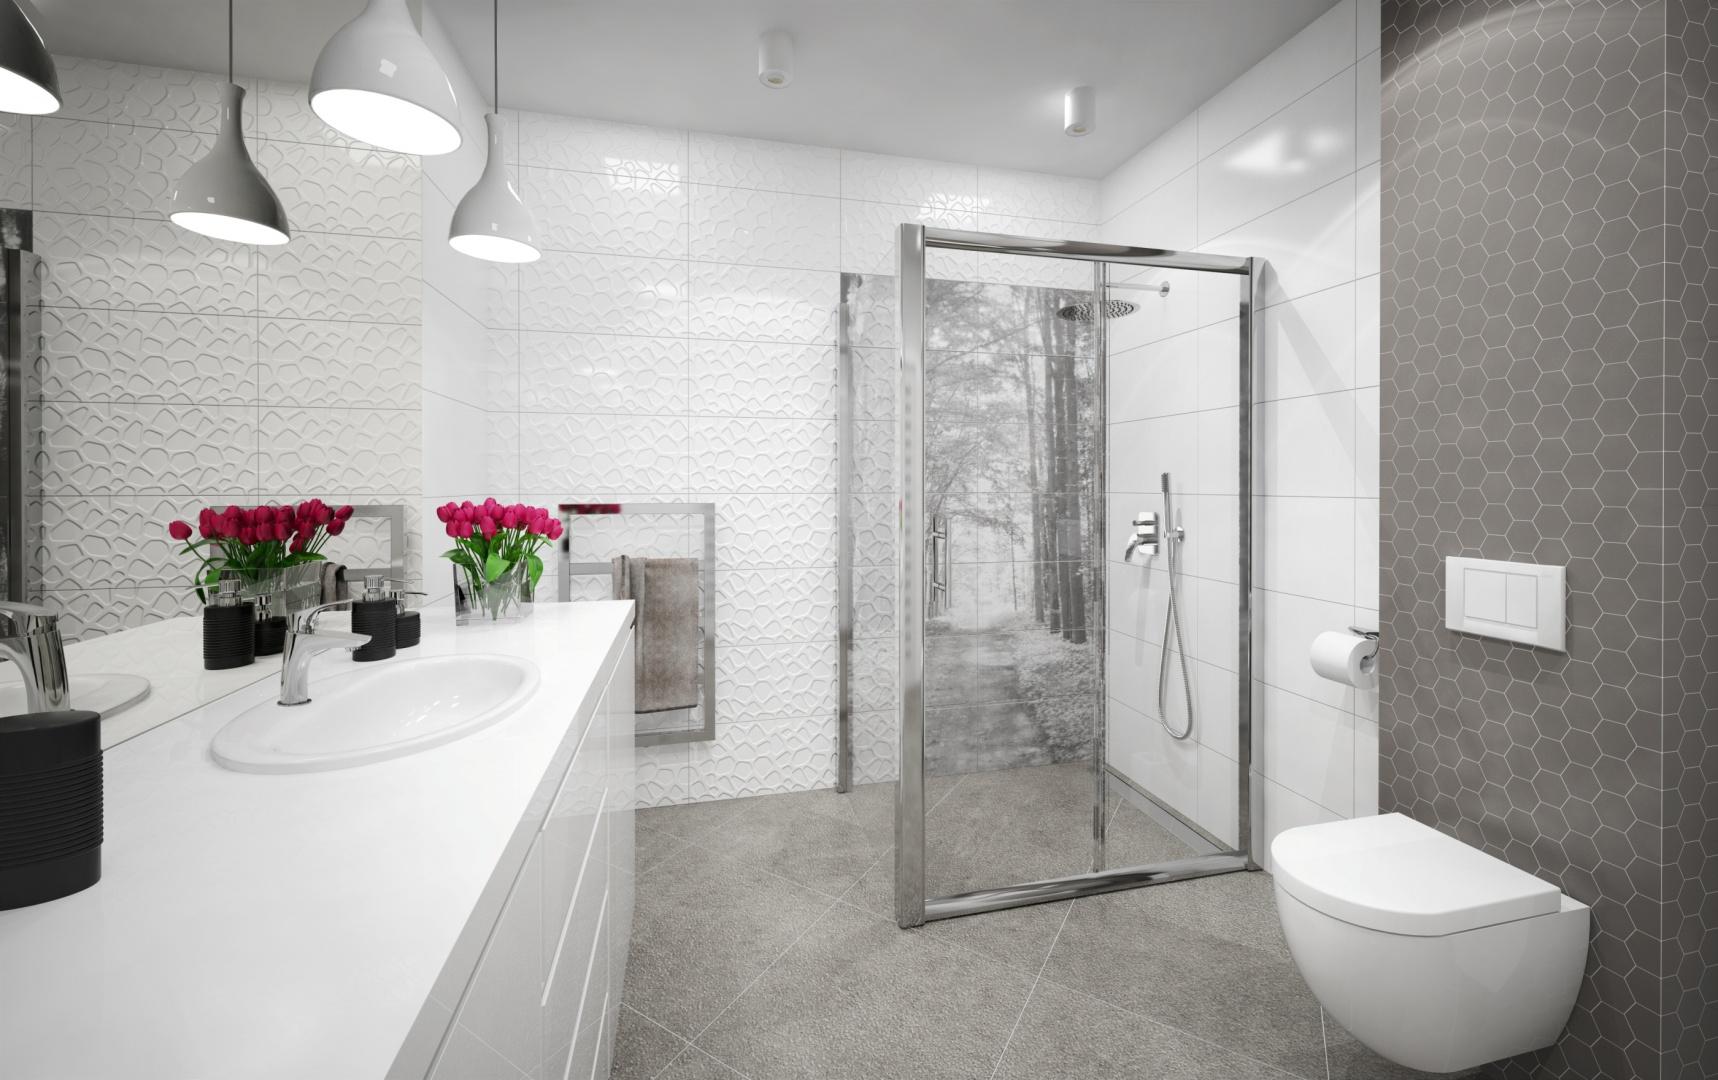 Deante łazienka minimalistyczna proj. Anna Chorosińska.